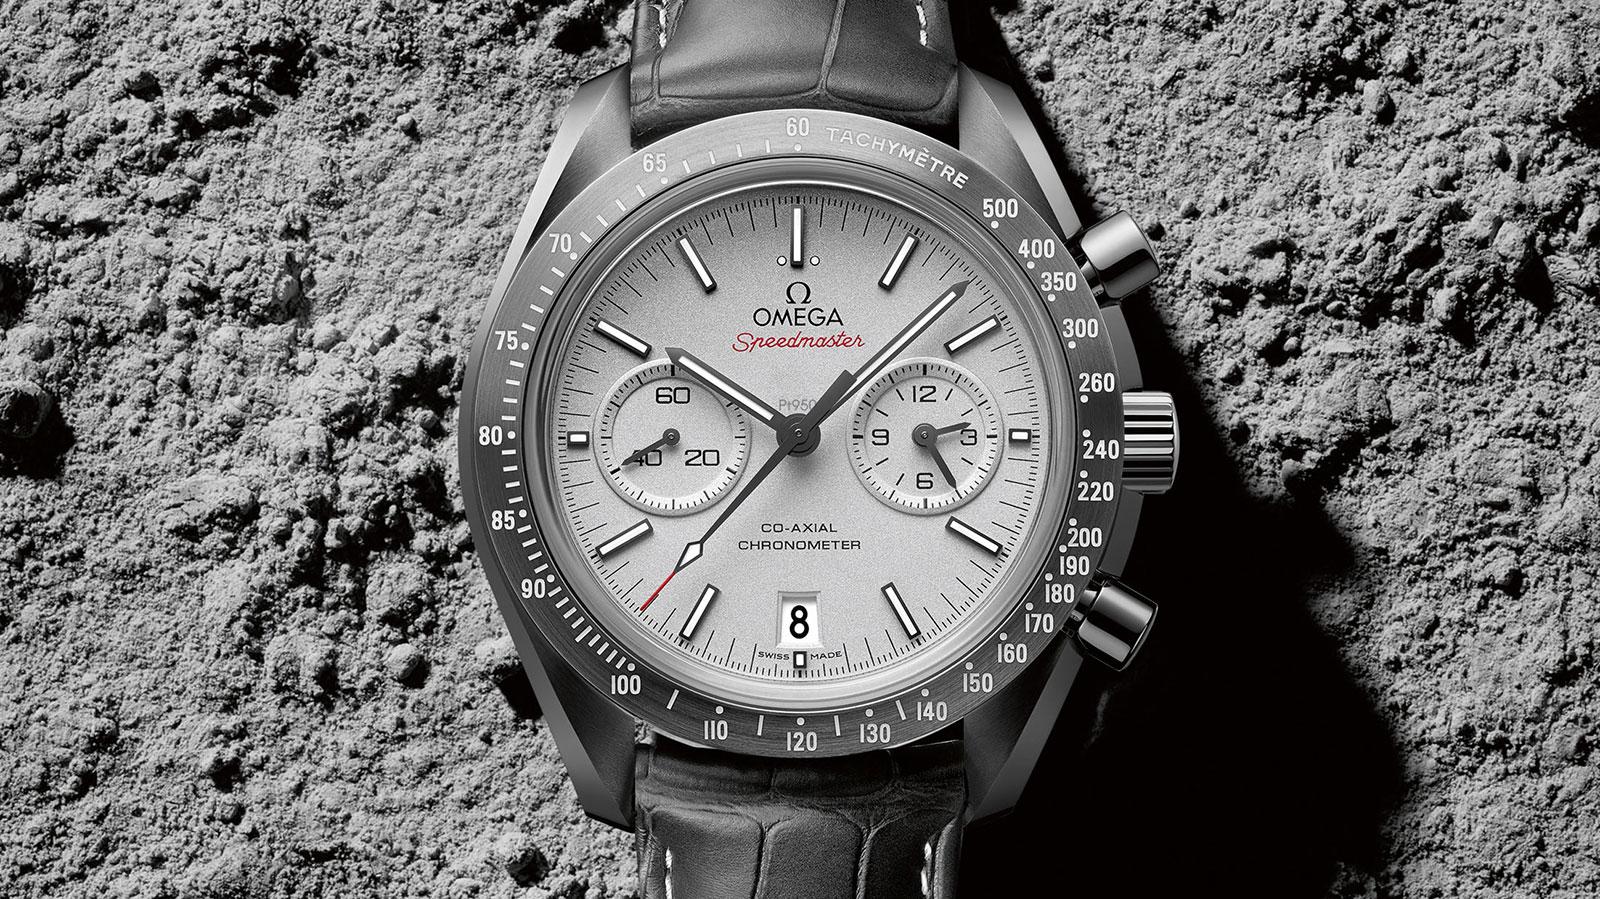 Speedmaster 月球表 月球表 欧米茄44.25毫米同轴计时表 腕表 - 311.93.44.51.99.001